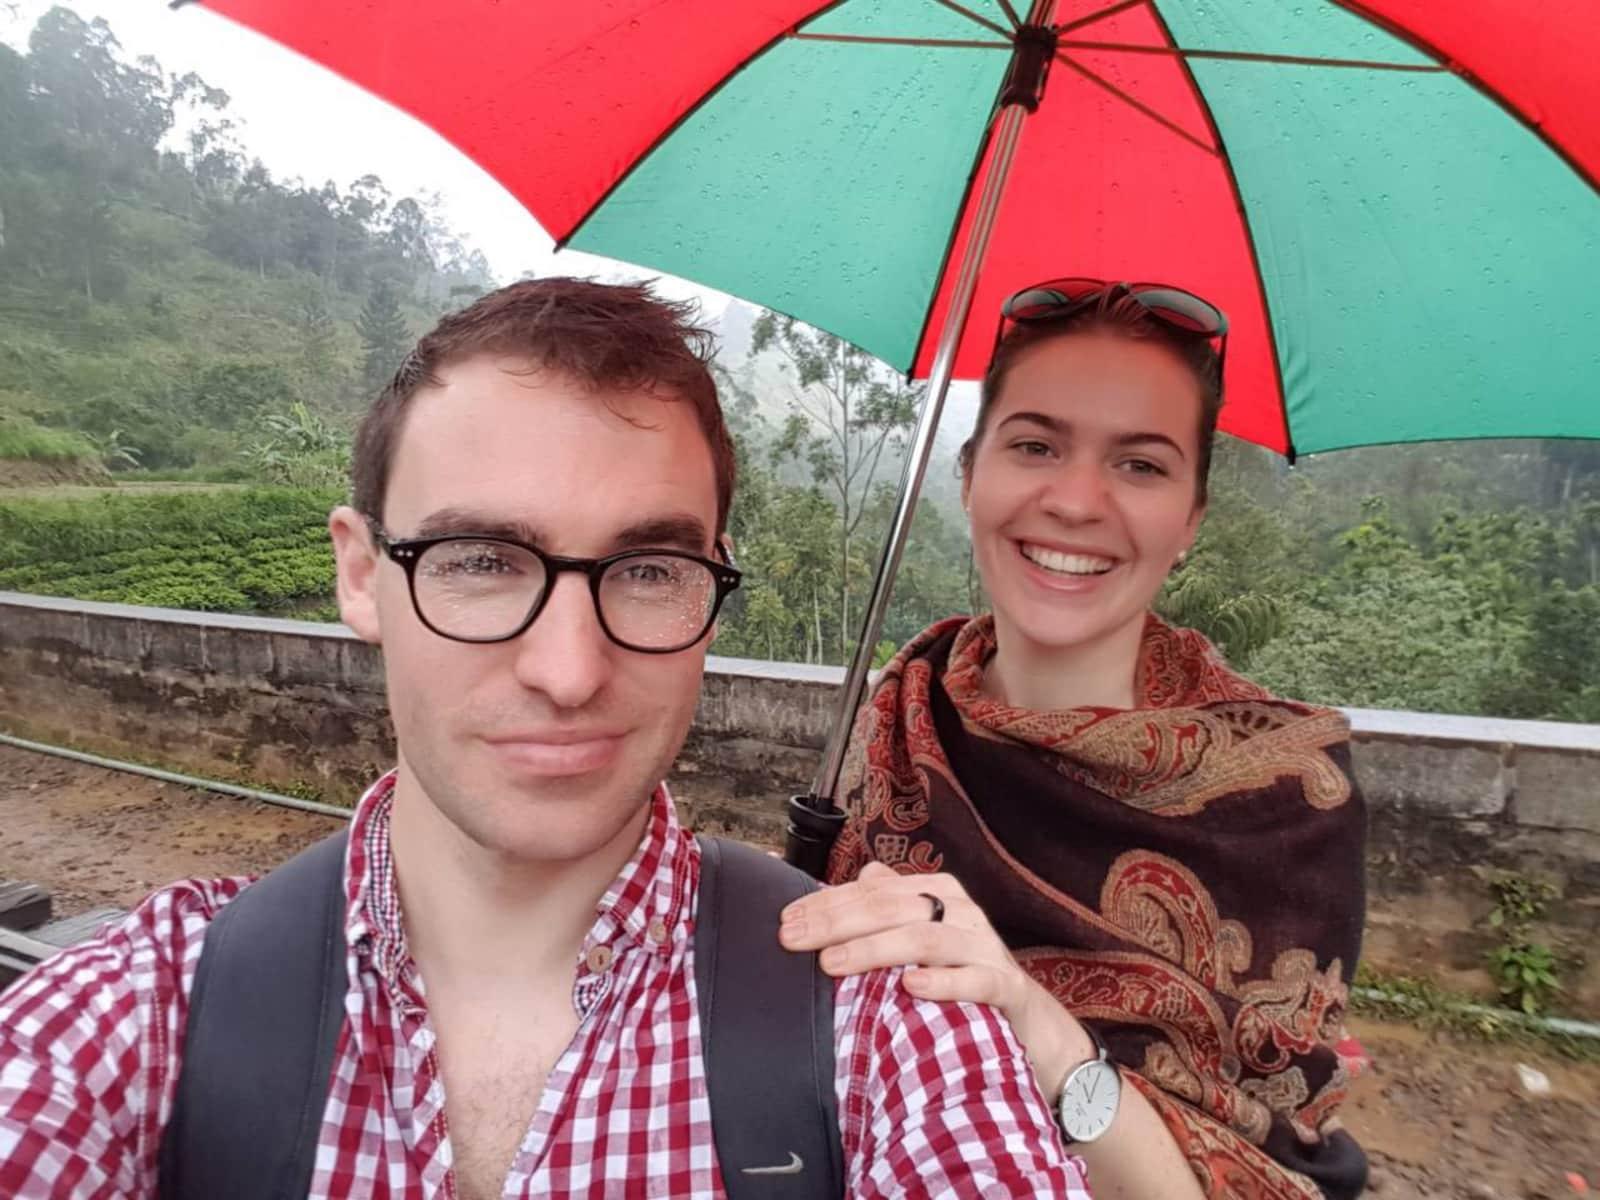 Katie & Laurence from Cork, Ireland